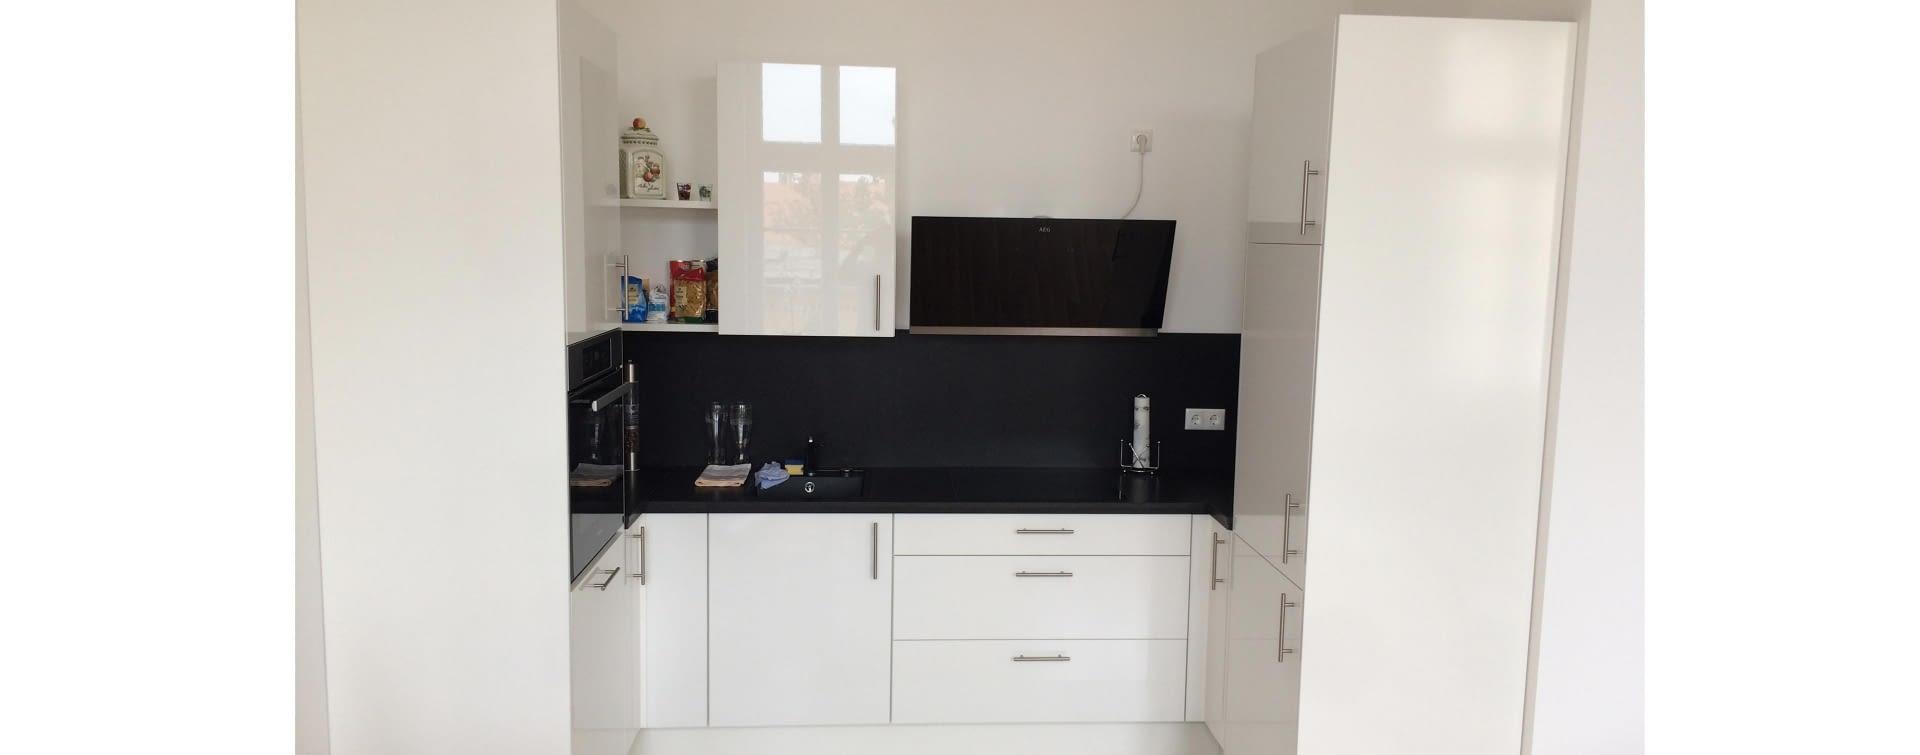 Küchenplanung Tipps nützliche planungstipps für kleine küchen inklusive 360 grad bild